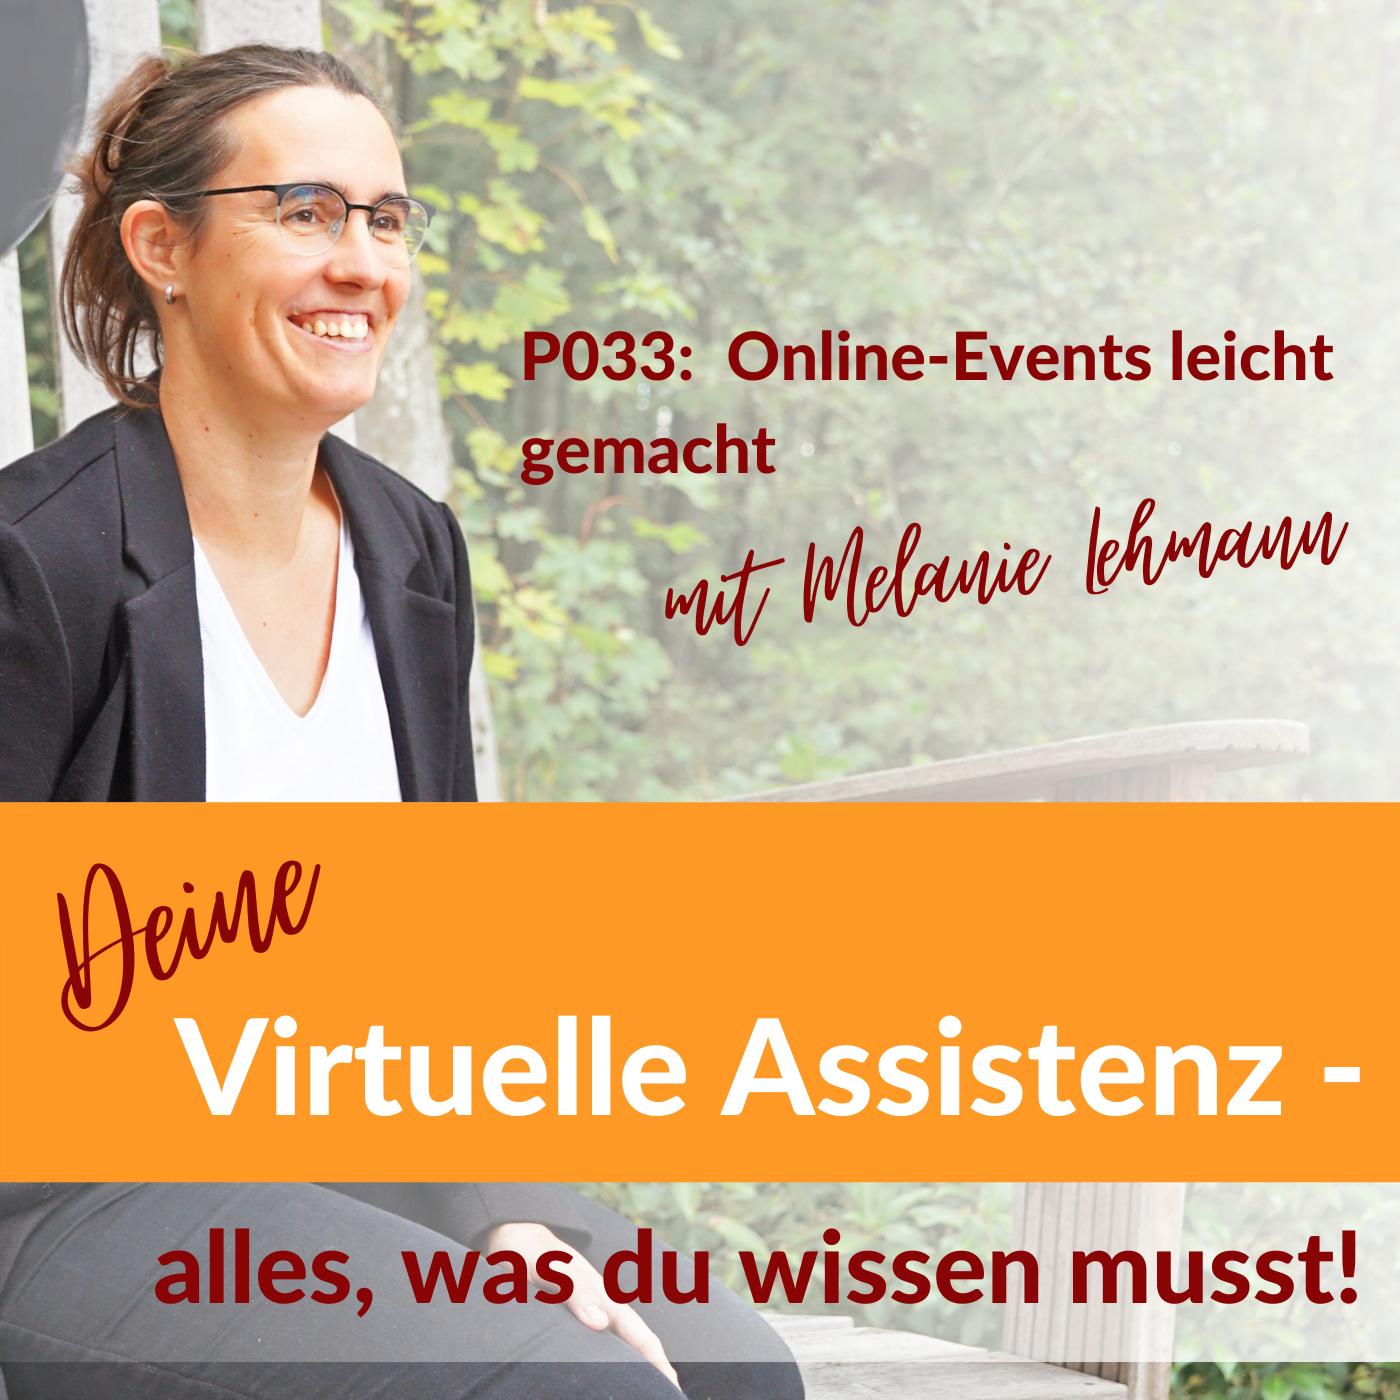 P033: Online-Events leicht gemacht